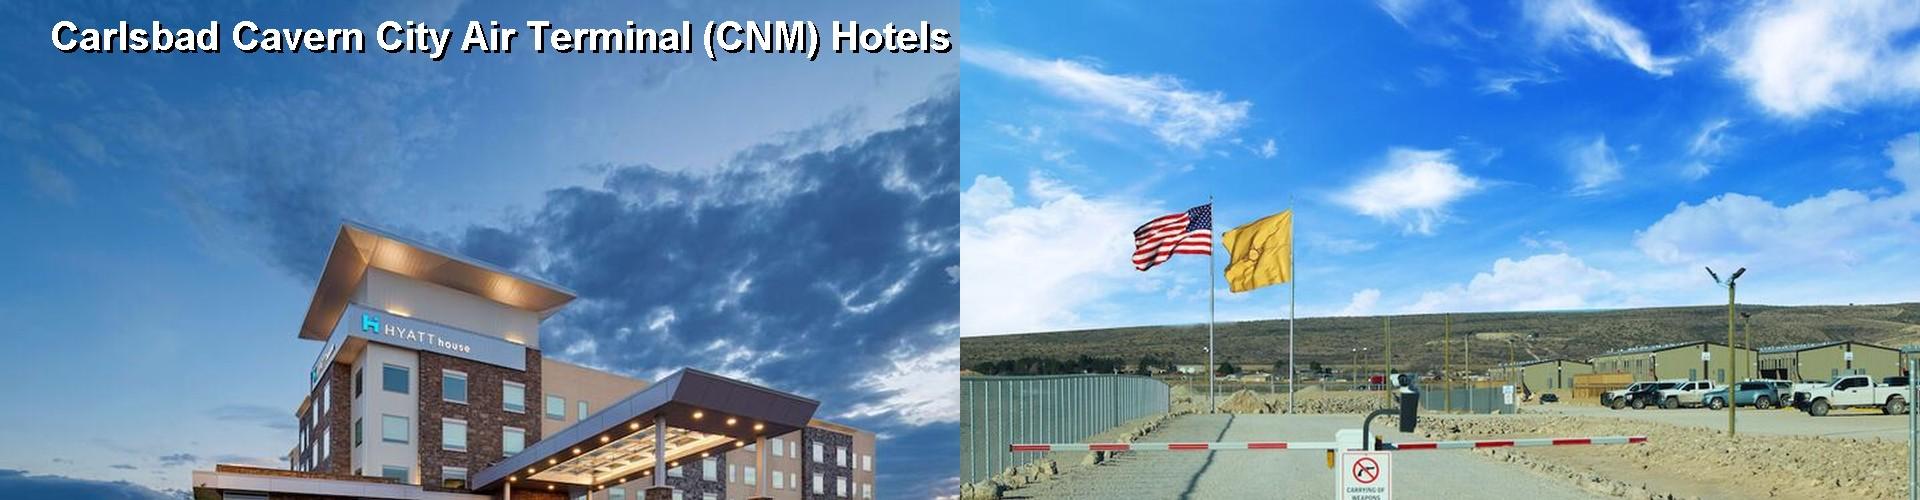 5 Best Hotels Near Carlsbad Cavern City Air Terminal Cnm